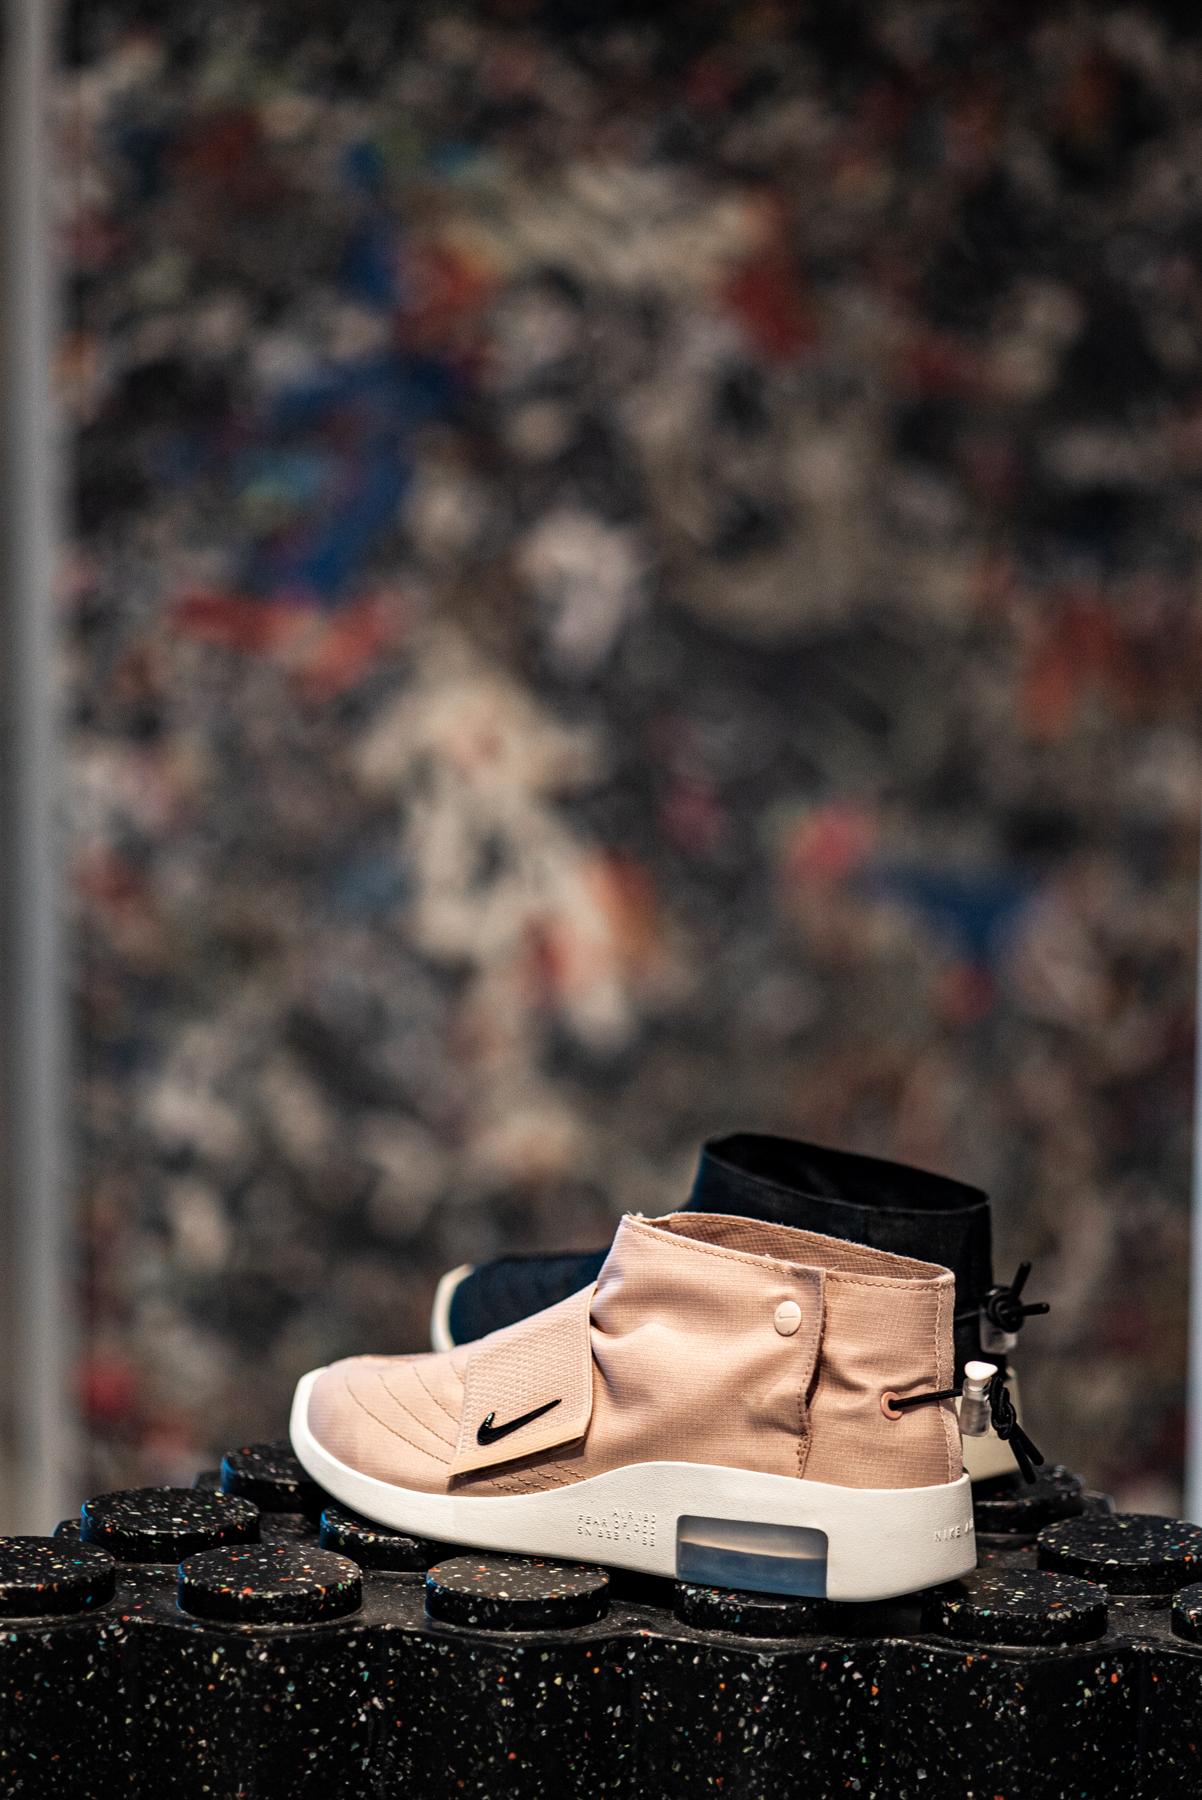 JFENSKE_10113_Satis_Nike_Relab__JTF2730_low_01.jpg